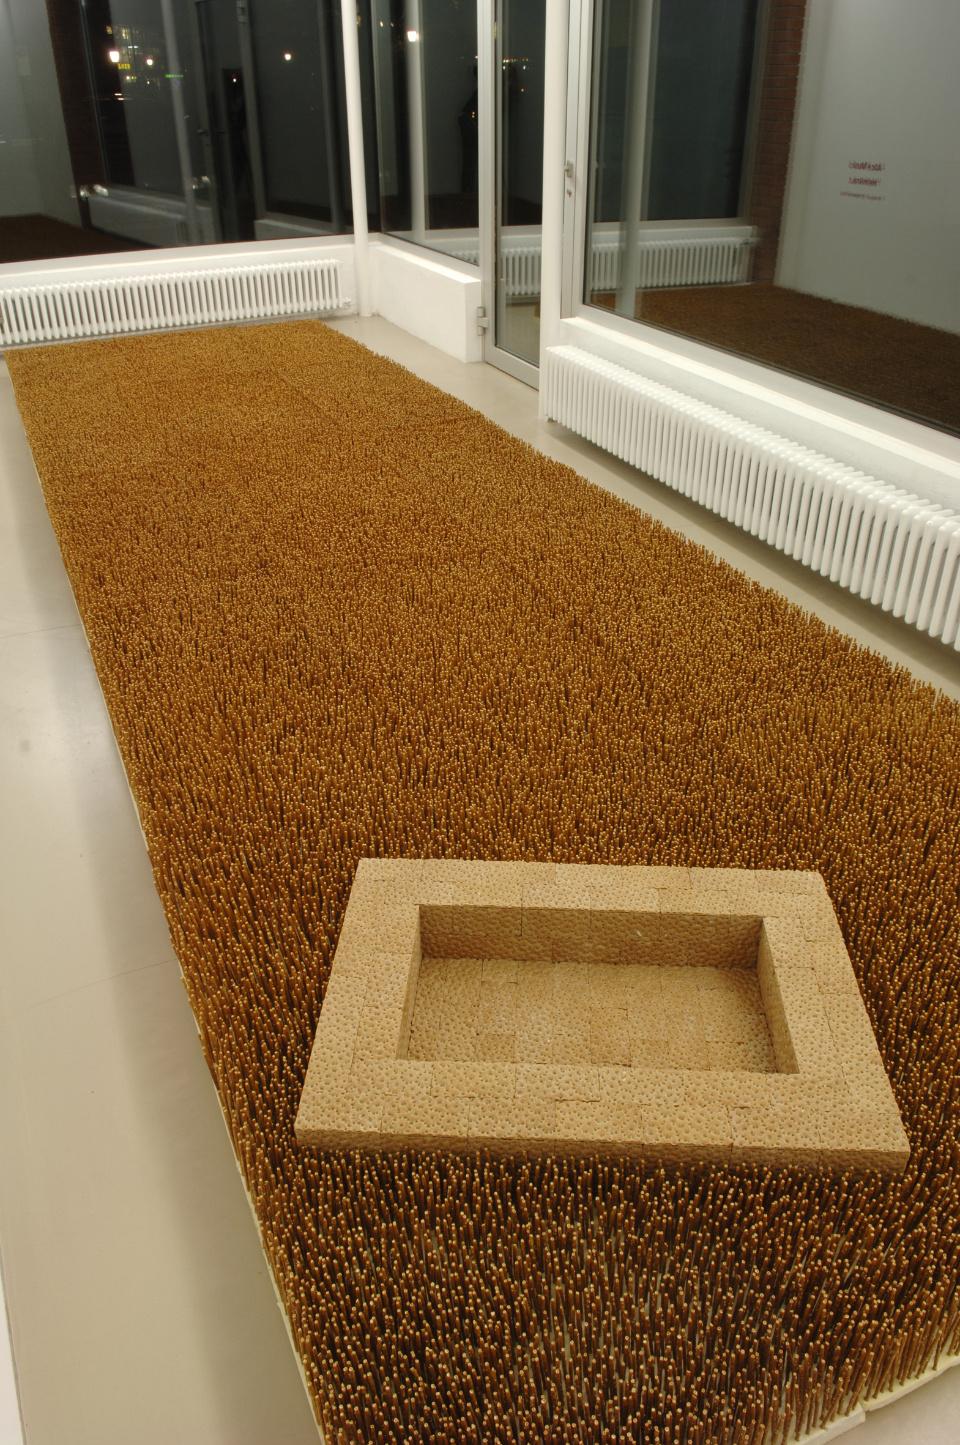 Garden III, Pretzel Sticks, Styrofoam, Crispbread, Cardboard, 625 X 180 X 16 Cm, Wilfried Von Gunten, Thun